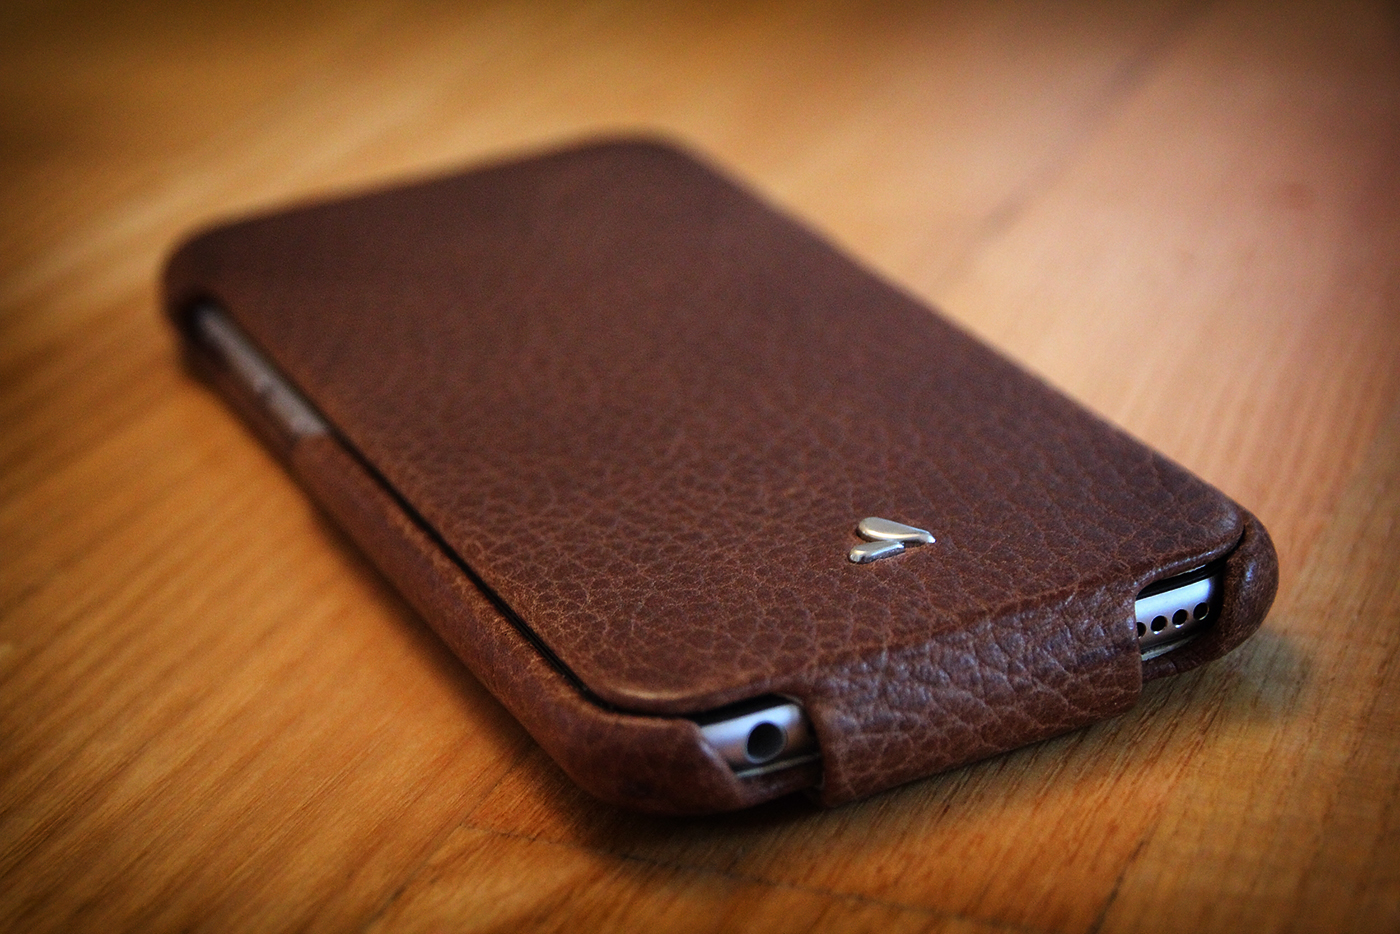 Case Design speck phone case : iPhone 6 - Cases, Hu00fcllen, Taschen etc... - Seite 7